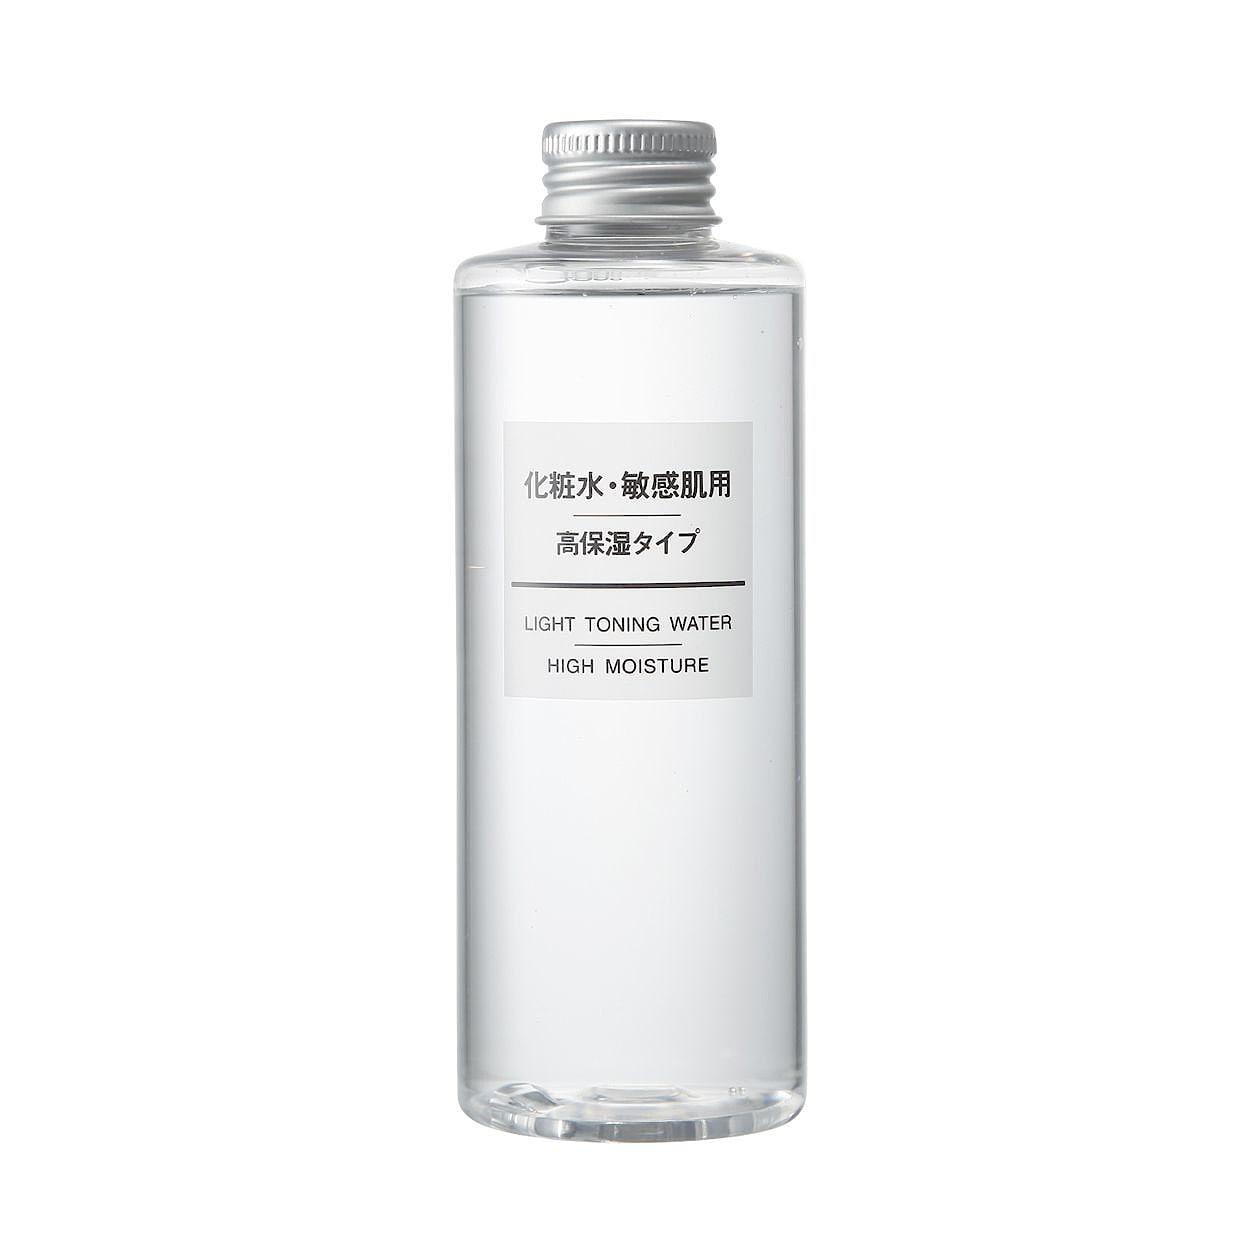 化粧水・敏感肌用・高保湿タイプ 200ml 通販 | 無印良品